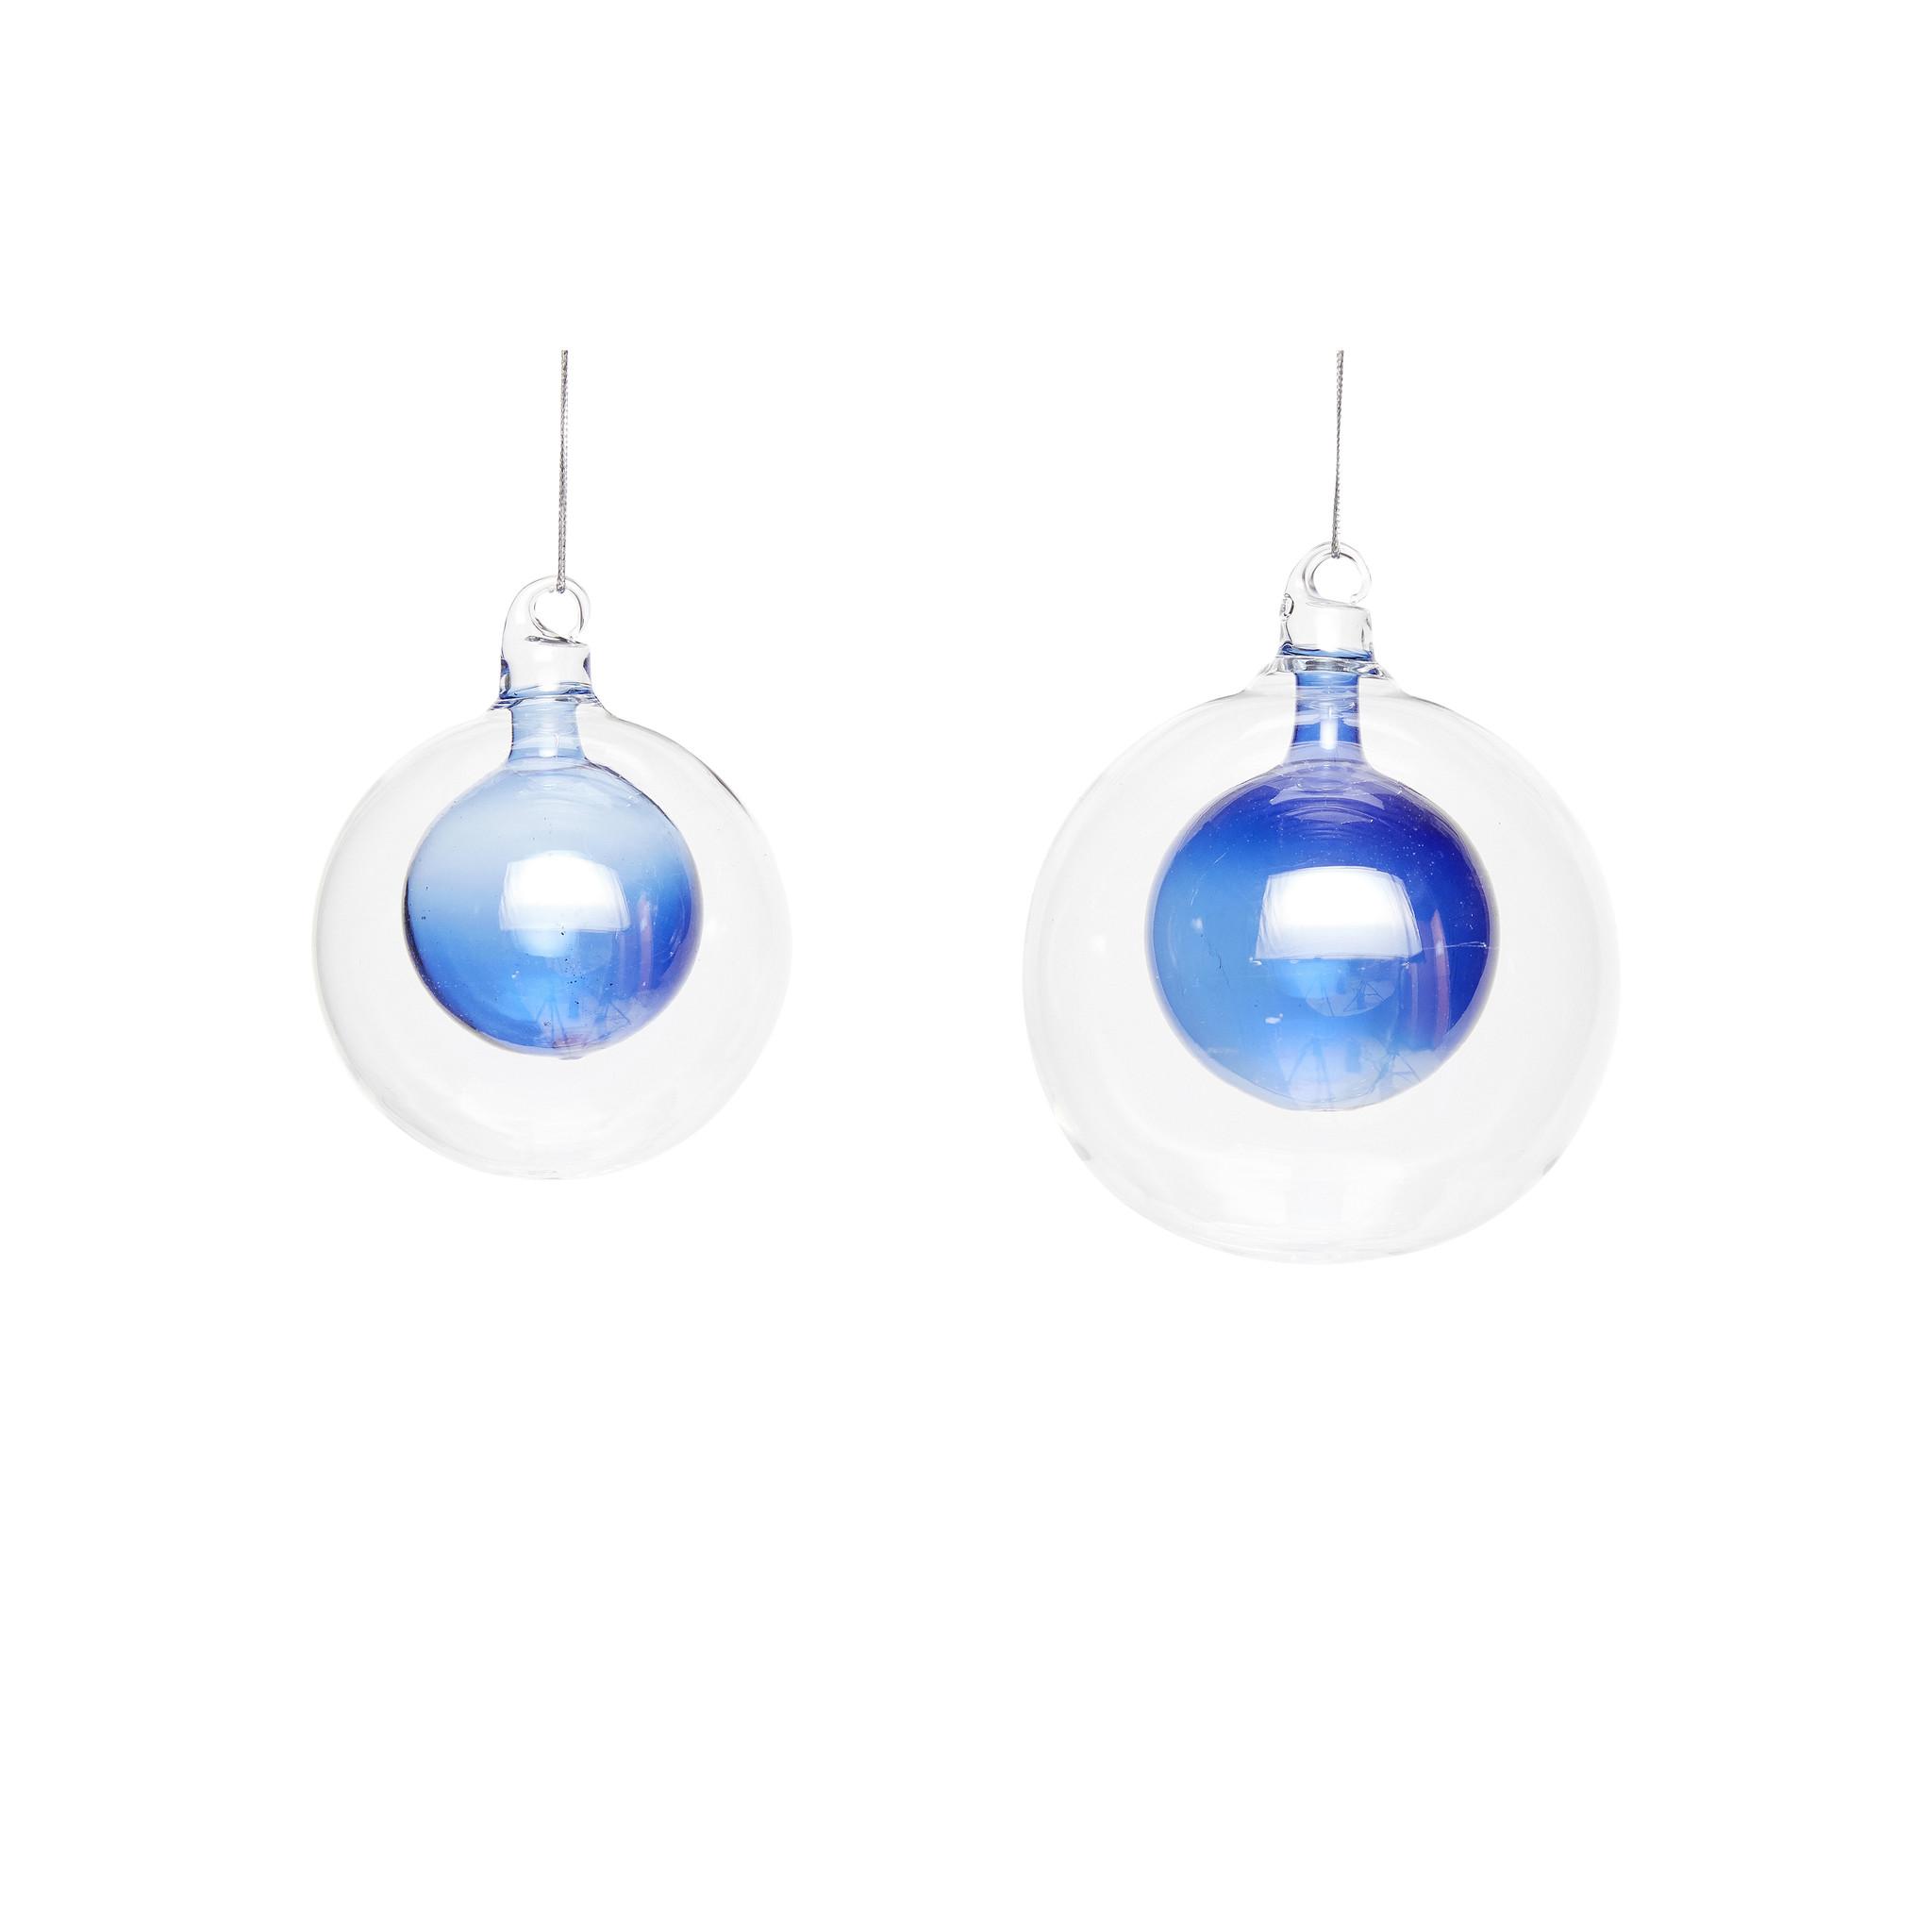 Hubsch Kerstbal, helder / blauw, set van 2